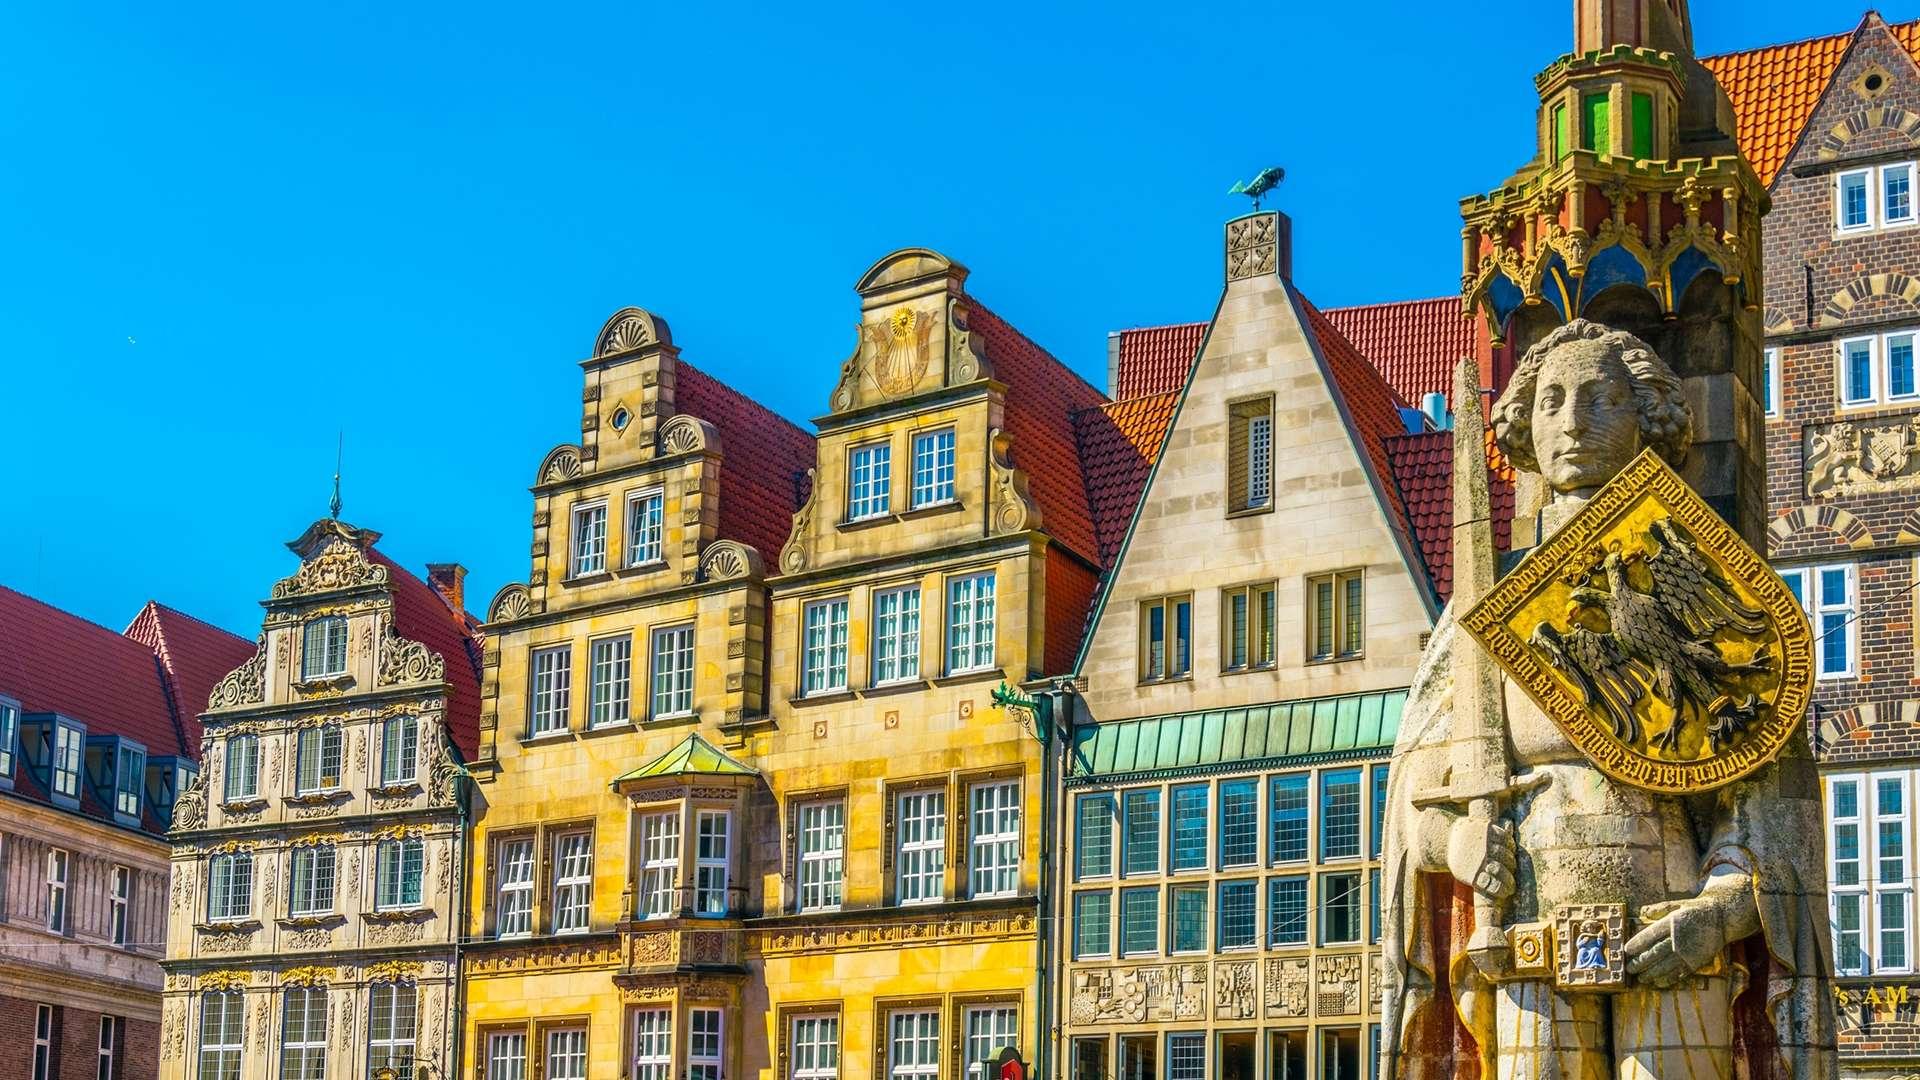 Farbige Fassaden mit einer Brotstatue in Bremen.